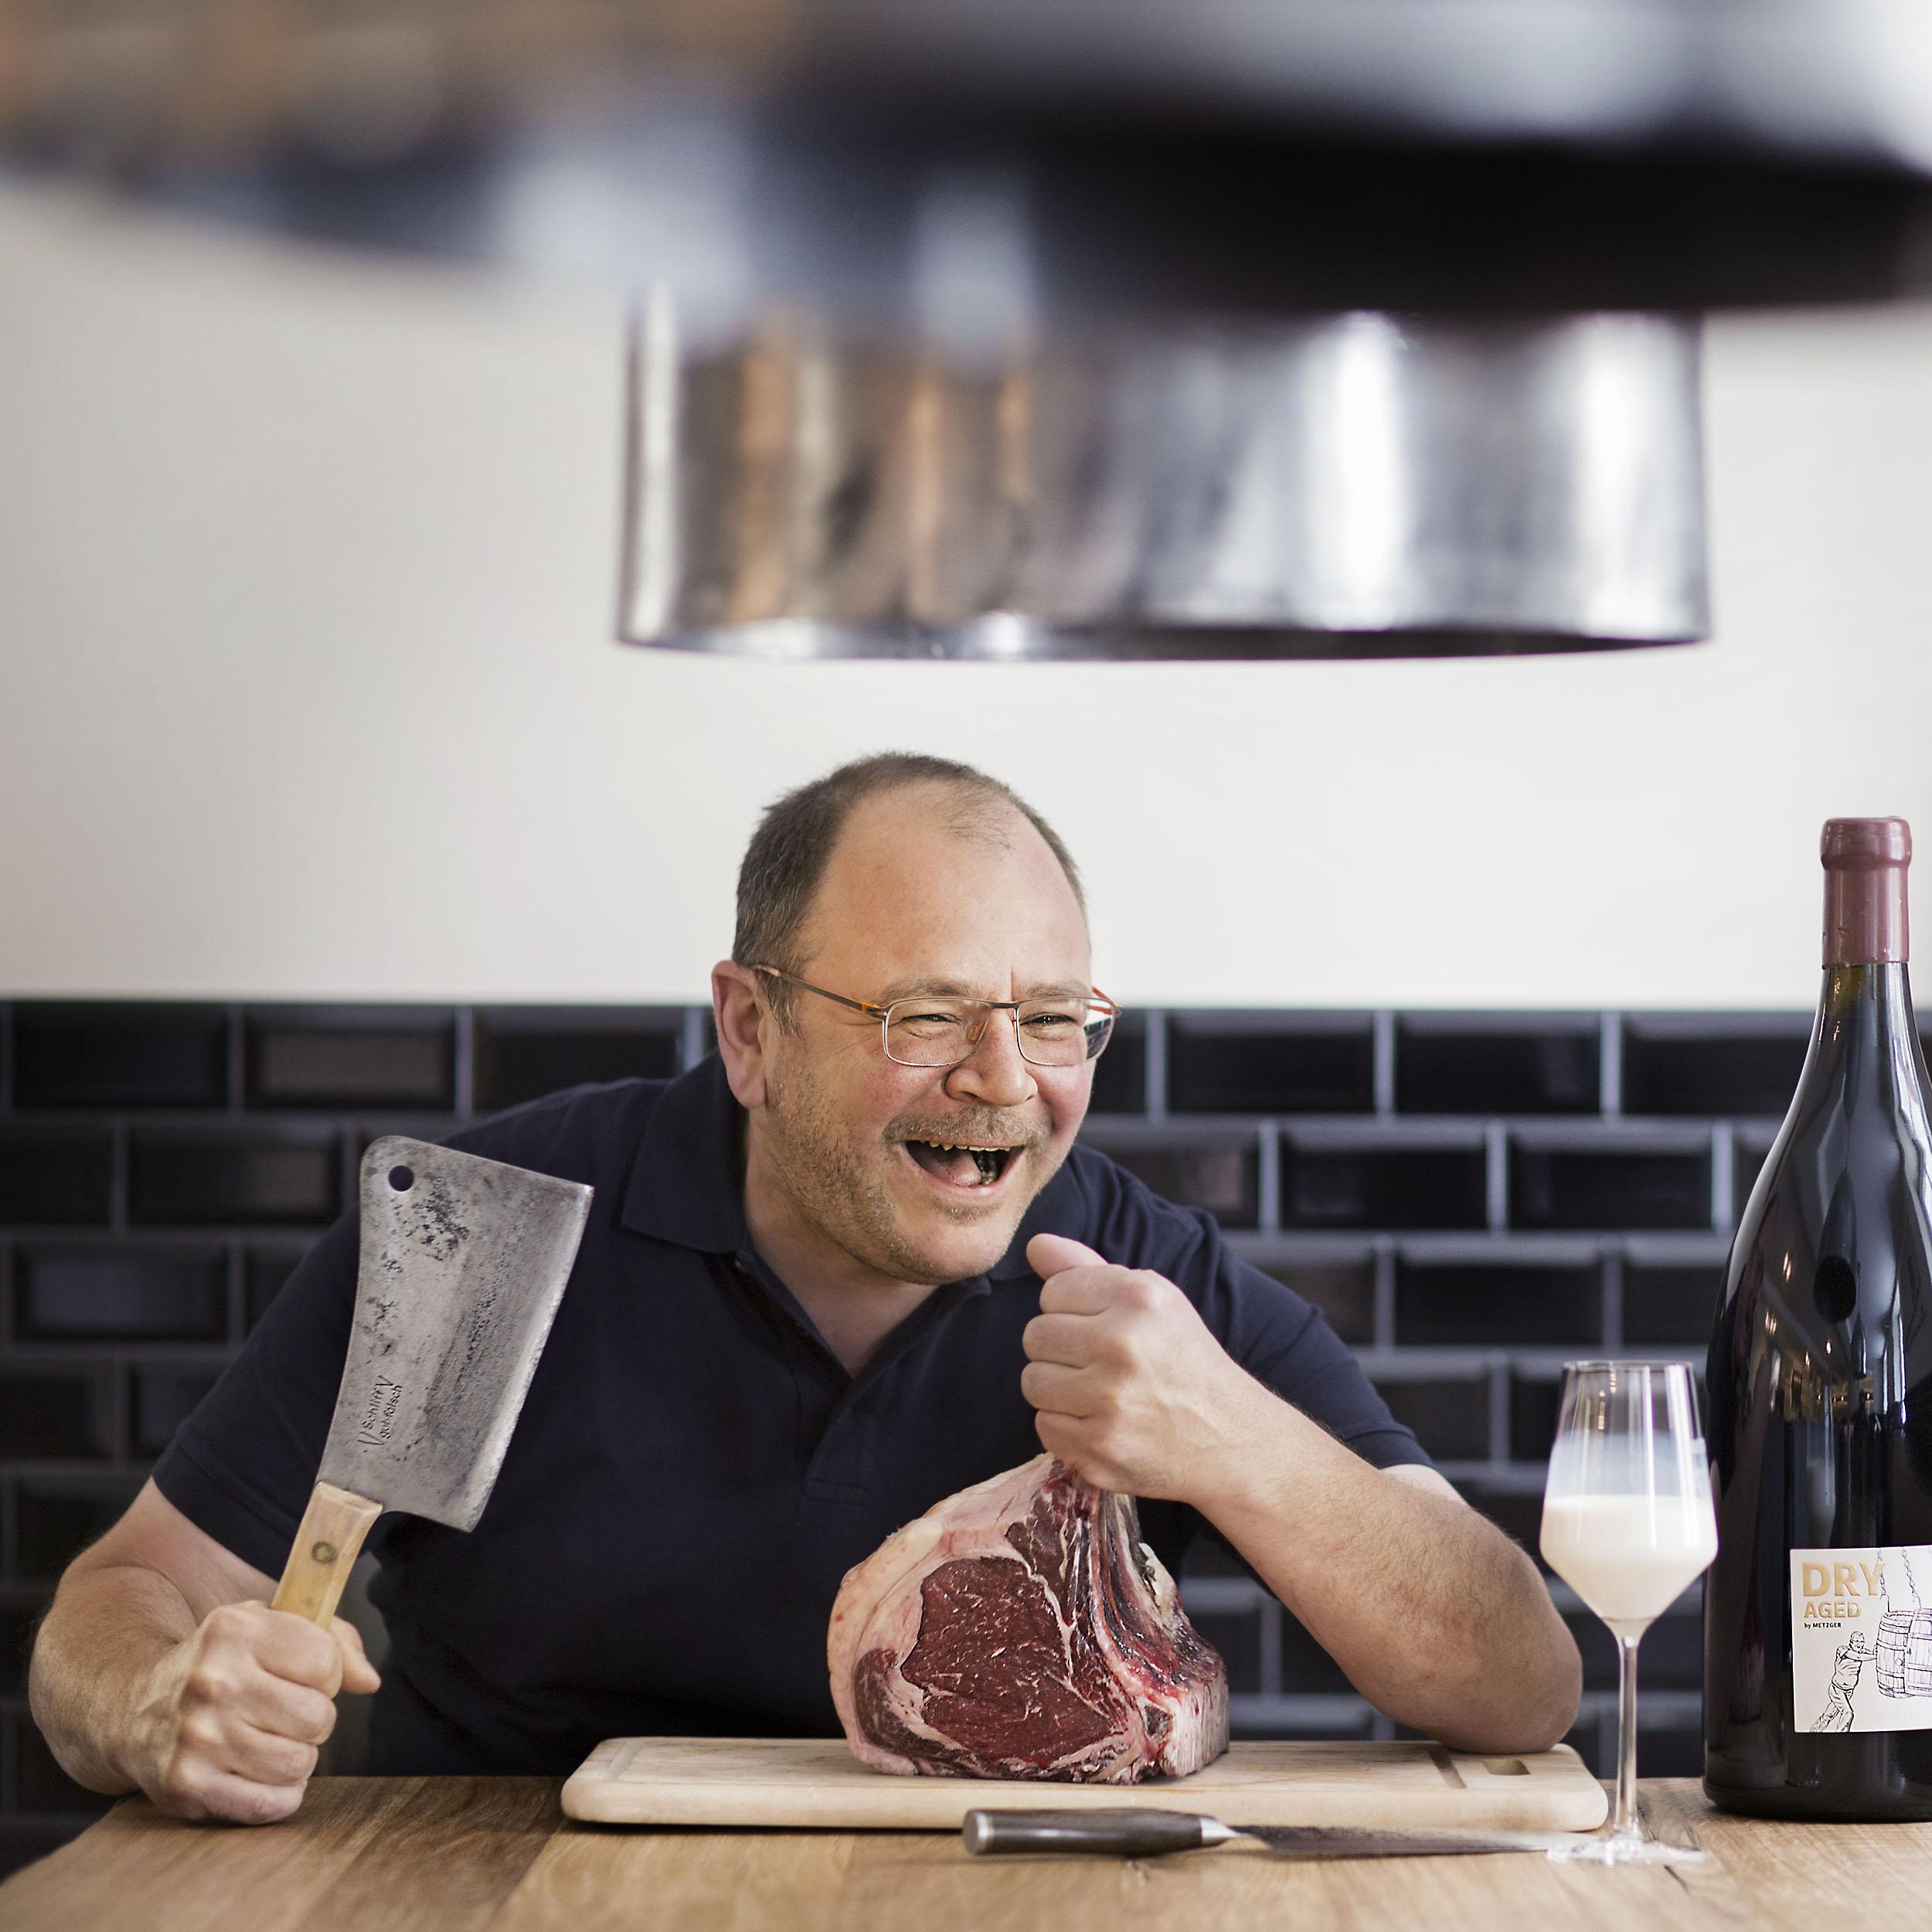 Weinfotografie, Weinfotograf, Markus Bassler, Thema Weinmarketing